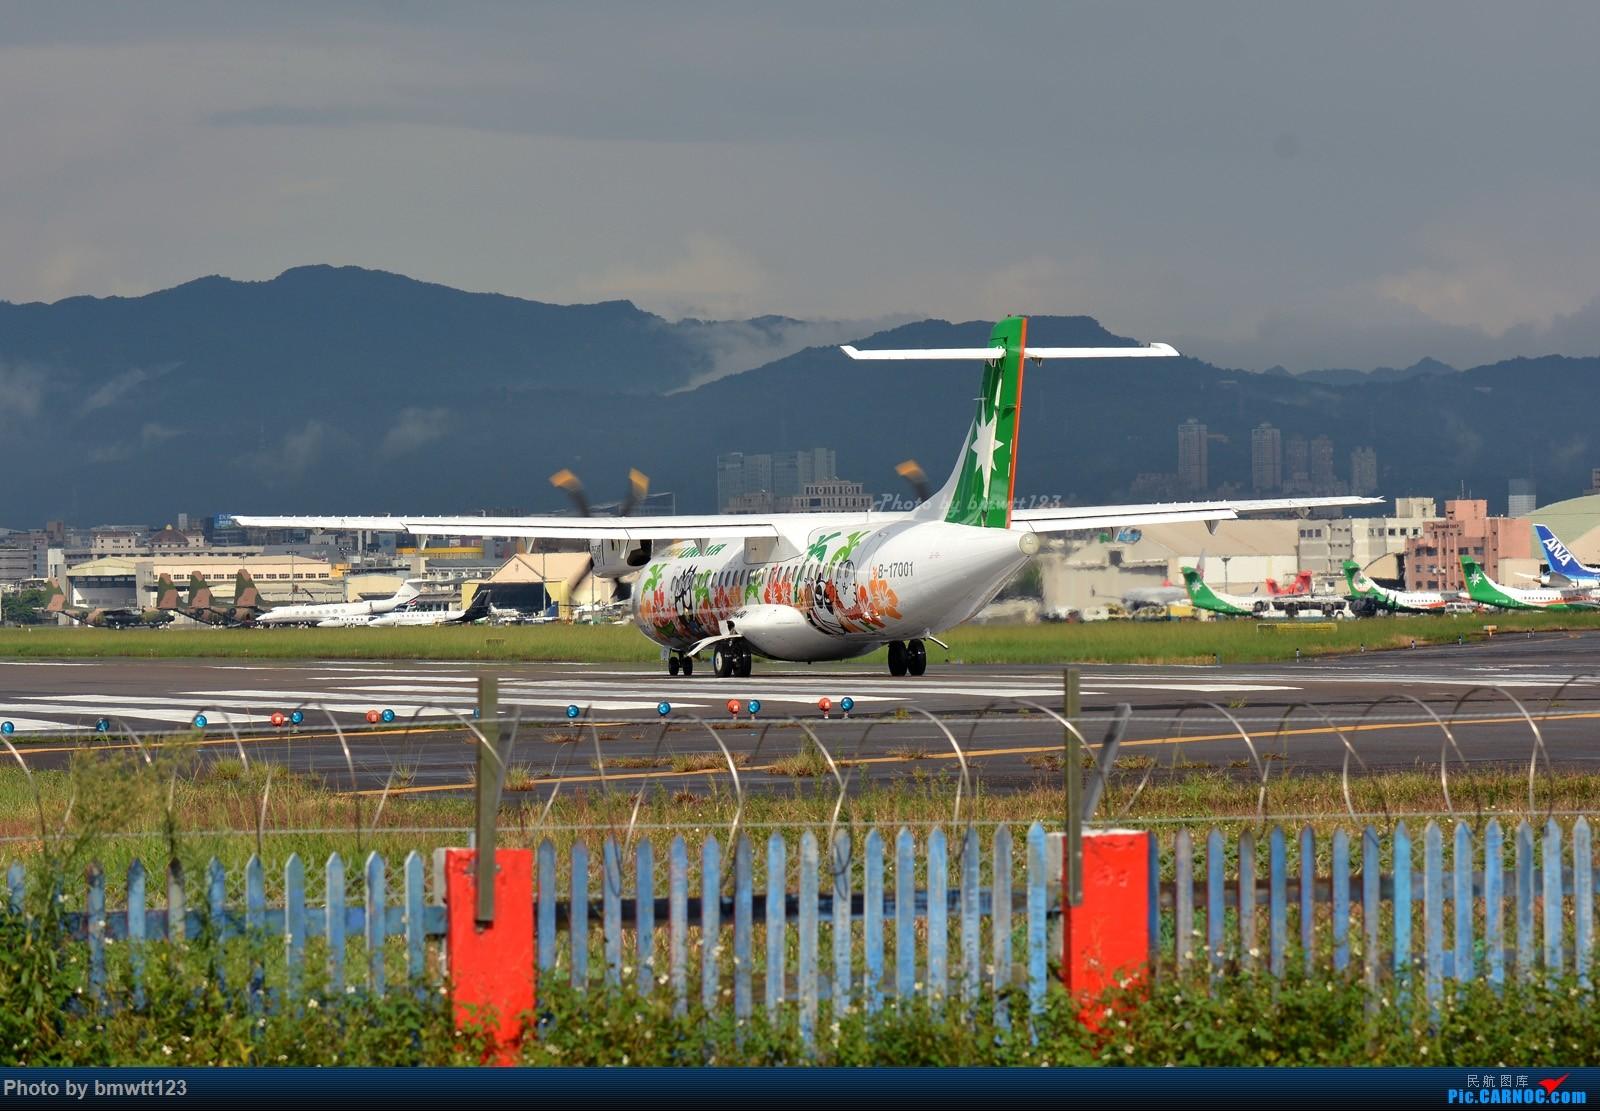 Re:[原创]【TSA松山】蔡阿姨家2日拍机作业之松山印象,附松山拍机位地图 ATR-72 B-17001 中国台北松山国际机场